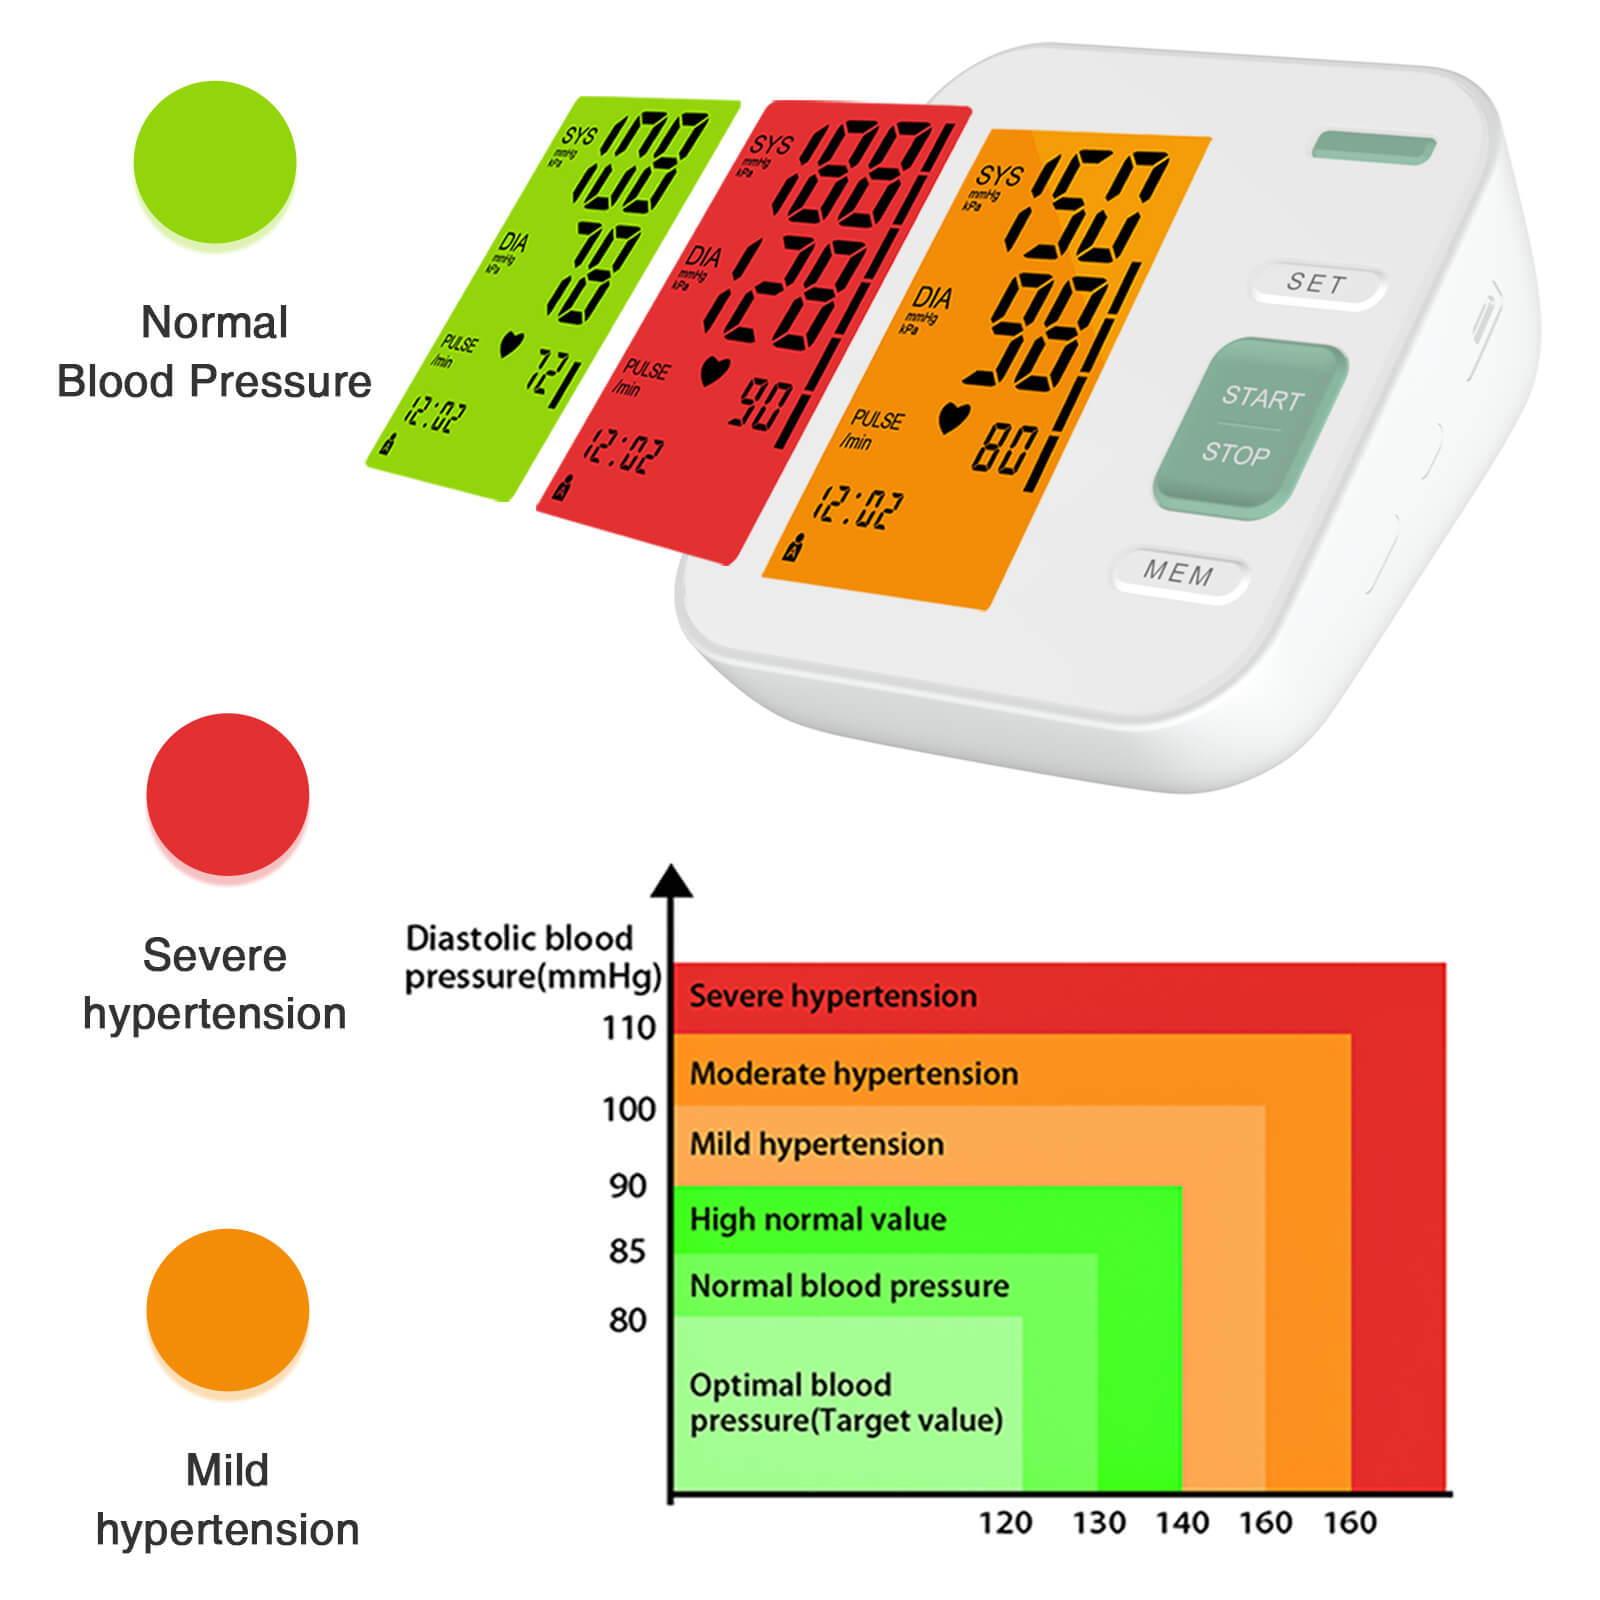 Ein Diagramm zeigt verschiedene Hypertonie-Niveaus mit Rot, Grün und Orange